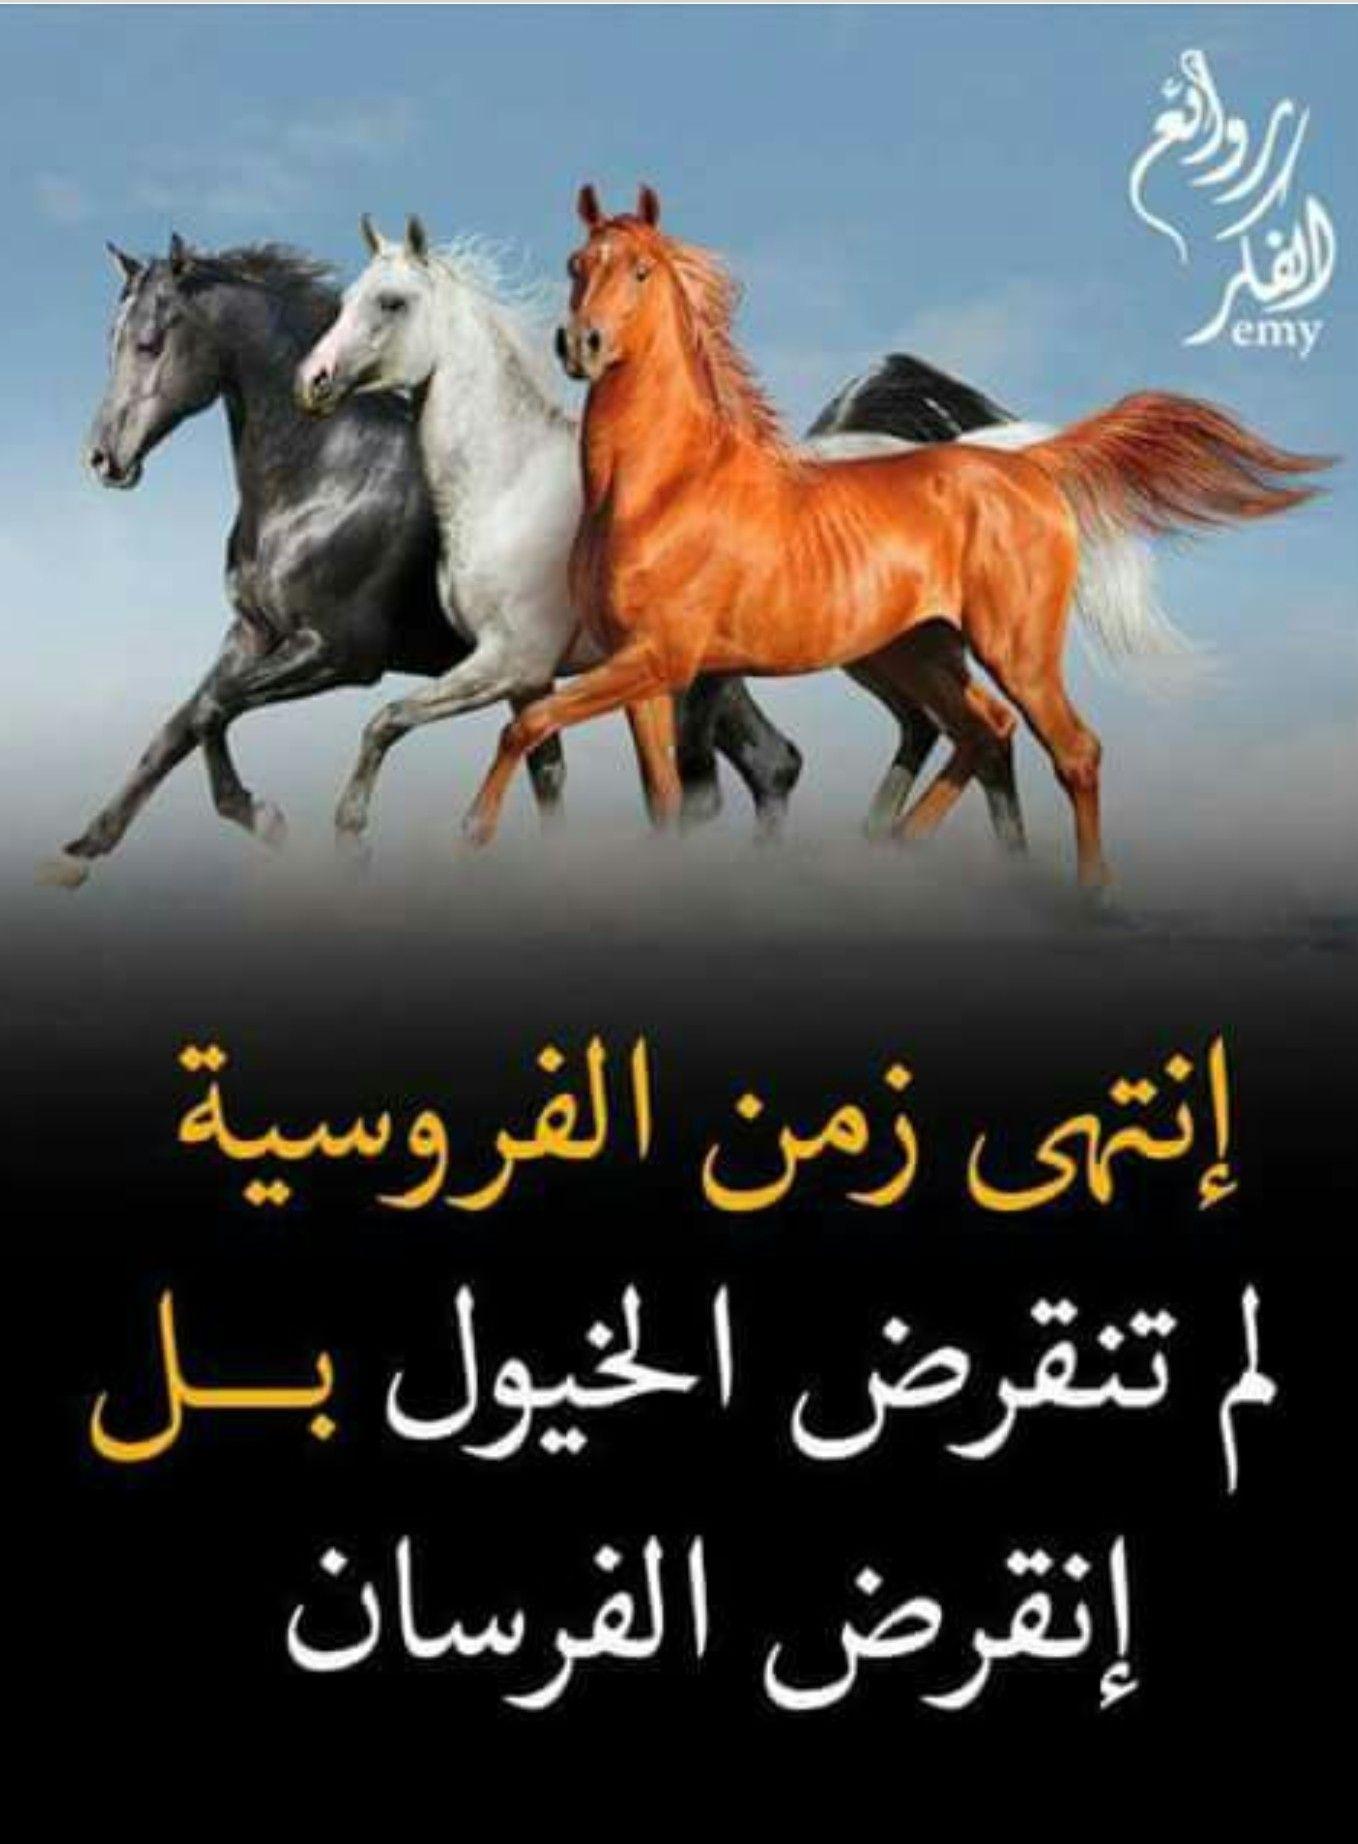 من روائع الفكر Arabic Quotes Cool Words Arabic Poetry